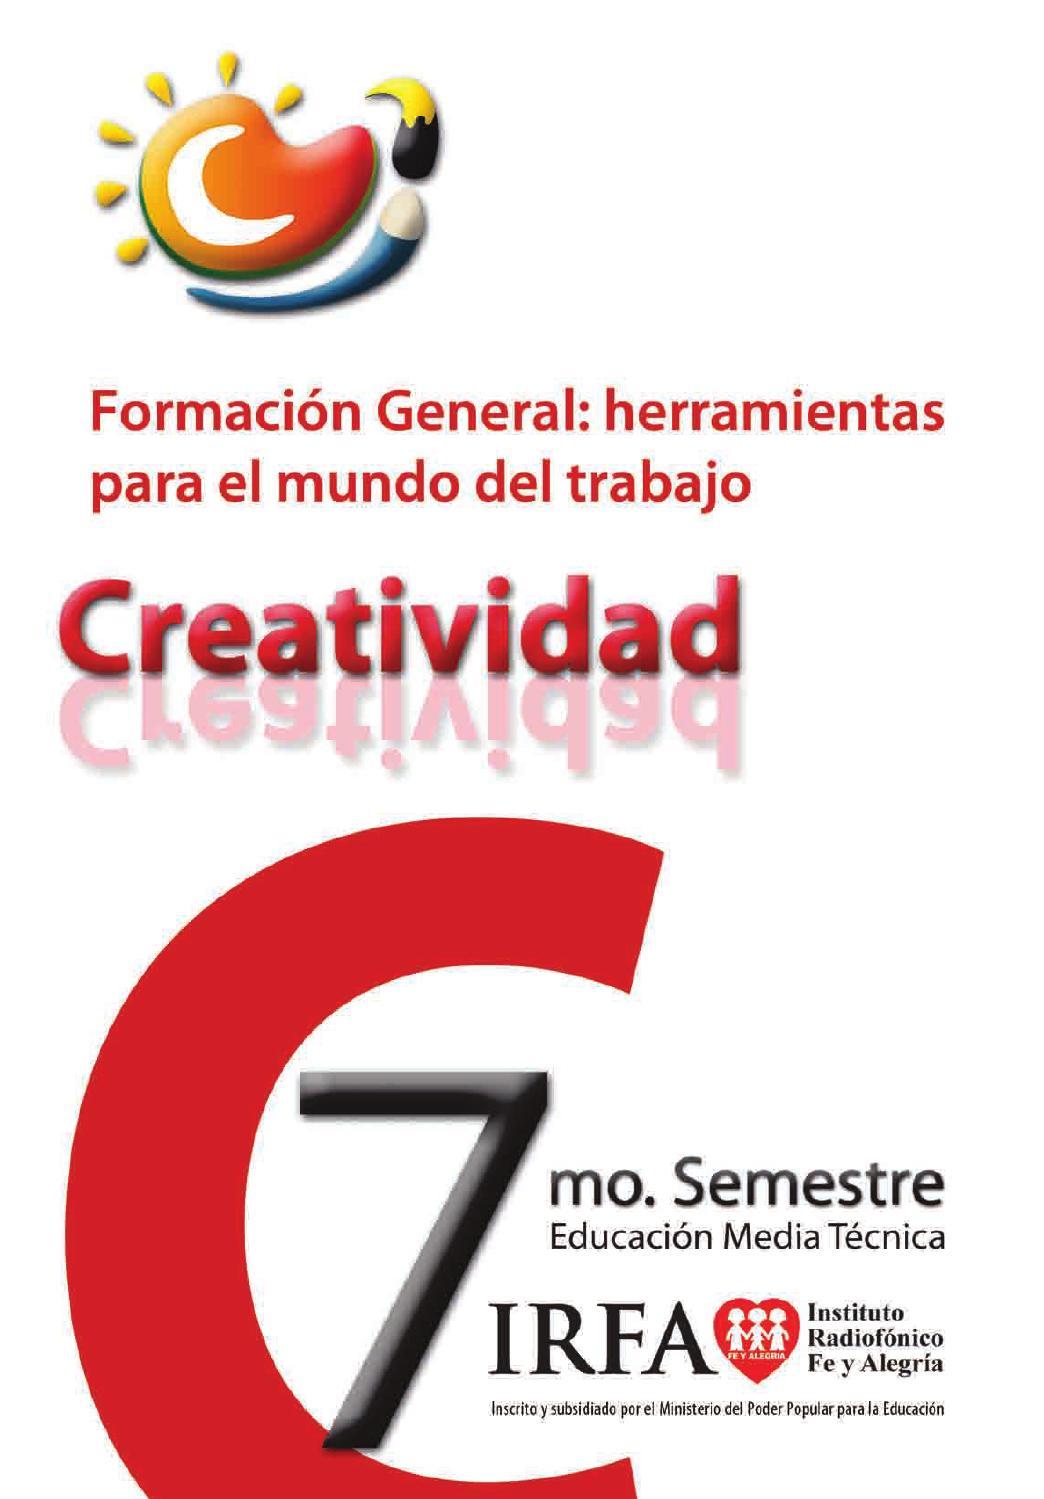 creatividad 7mo by cordnaceduirfa issuu